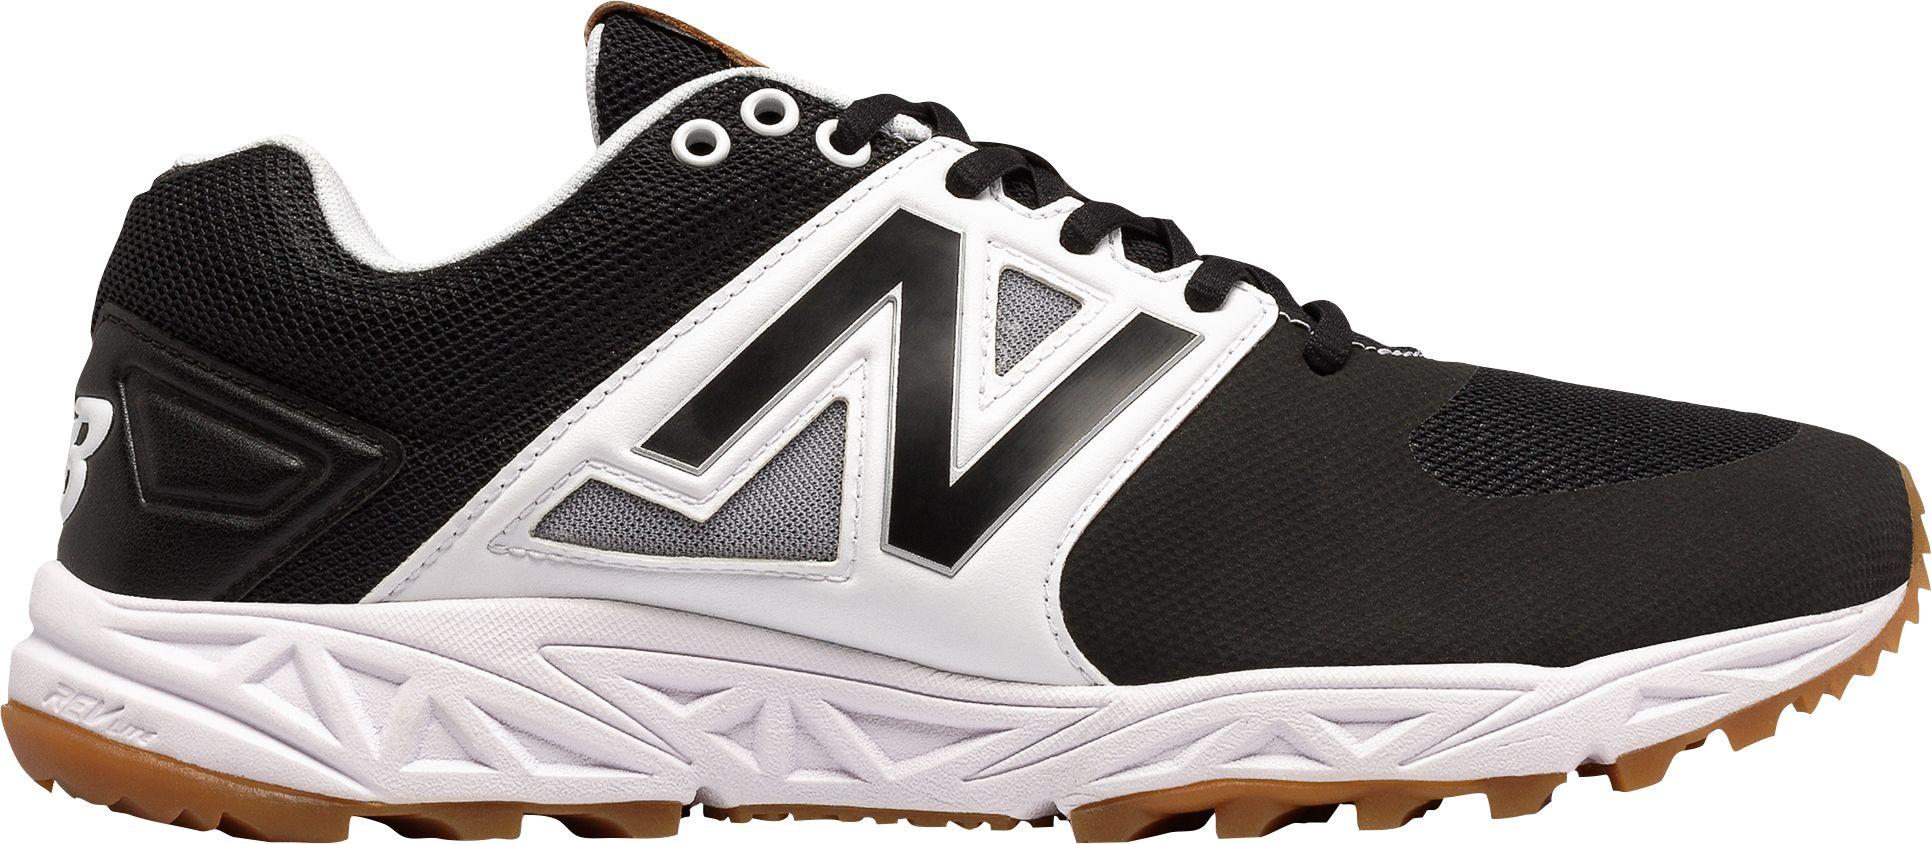 new balance baseball training shoes